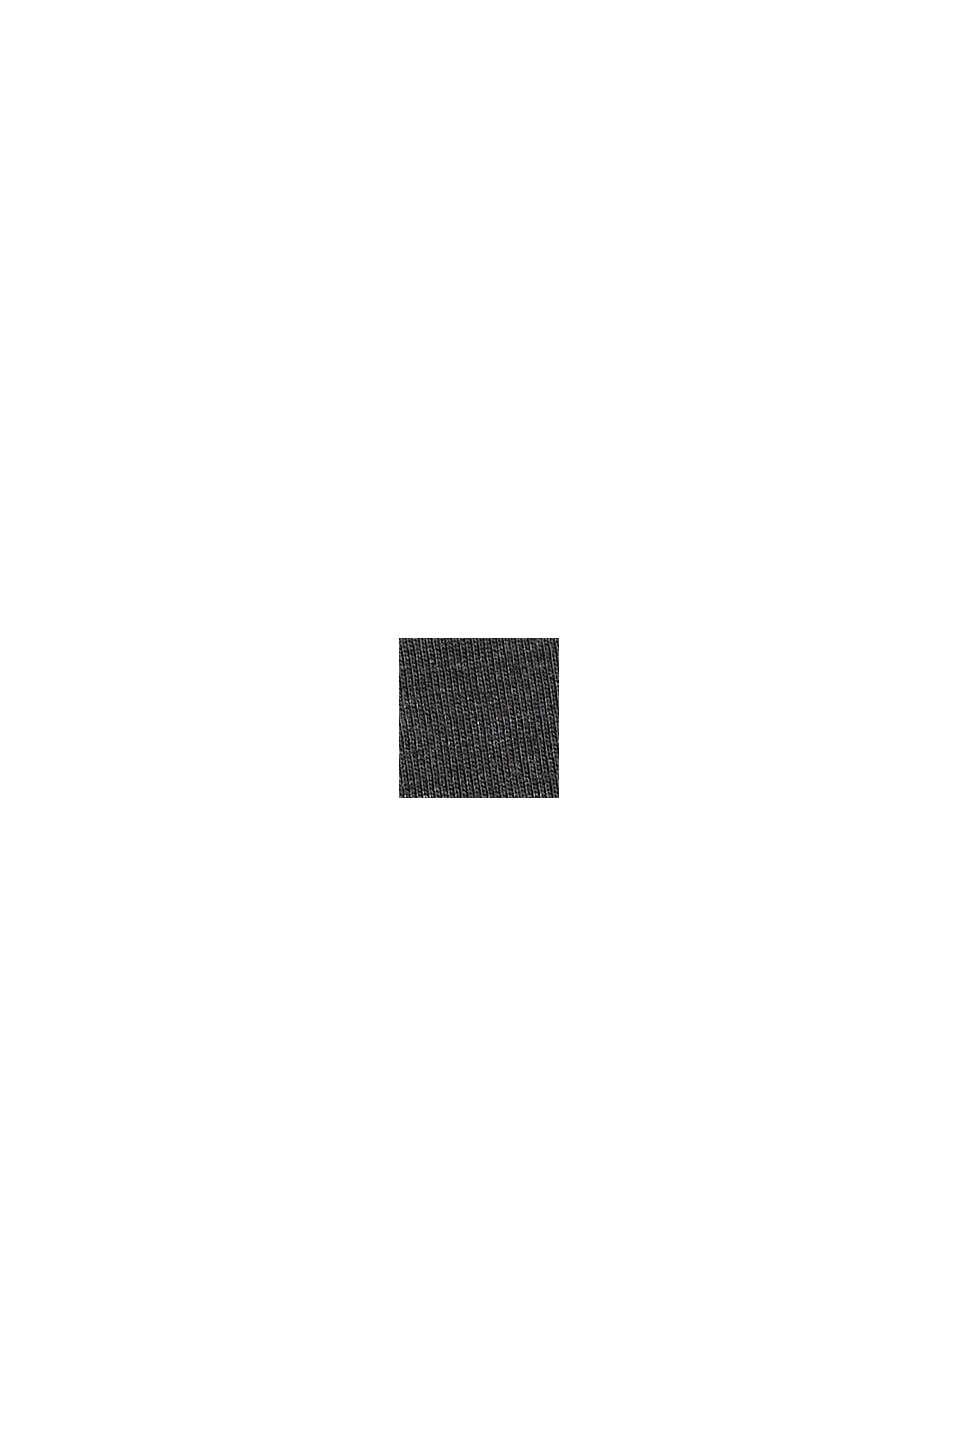 Jerseykleid in Midilänge, Bio-Baumwoll-Mix, ANTHRACITE, swatch